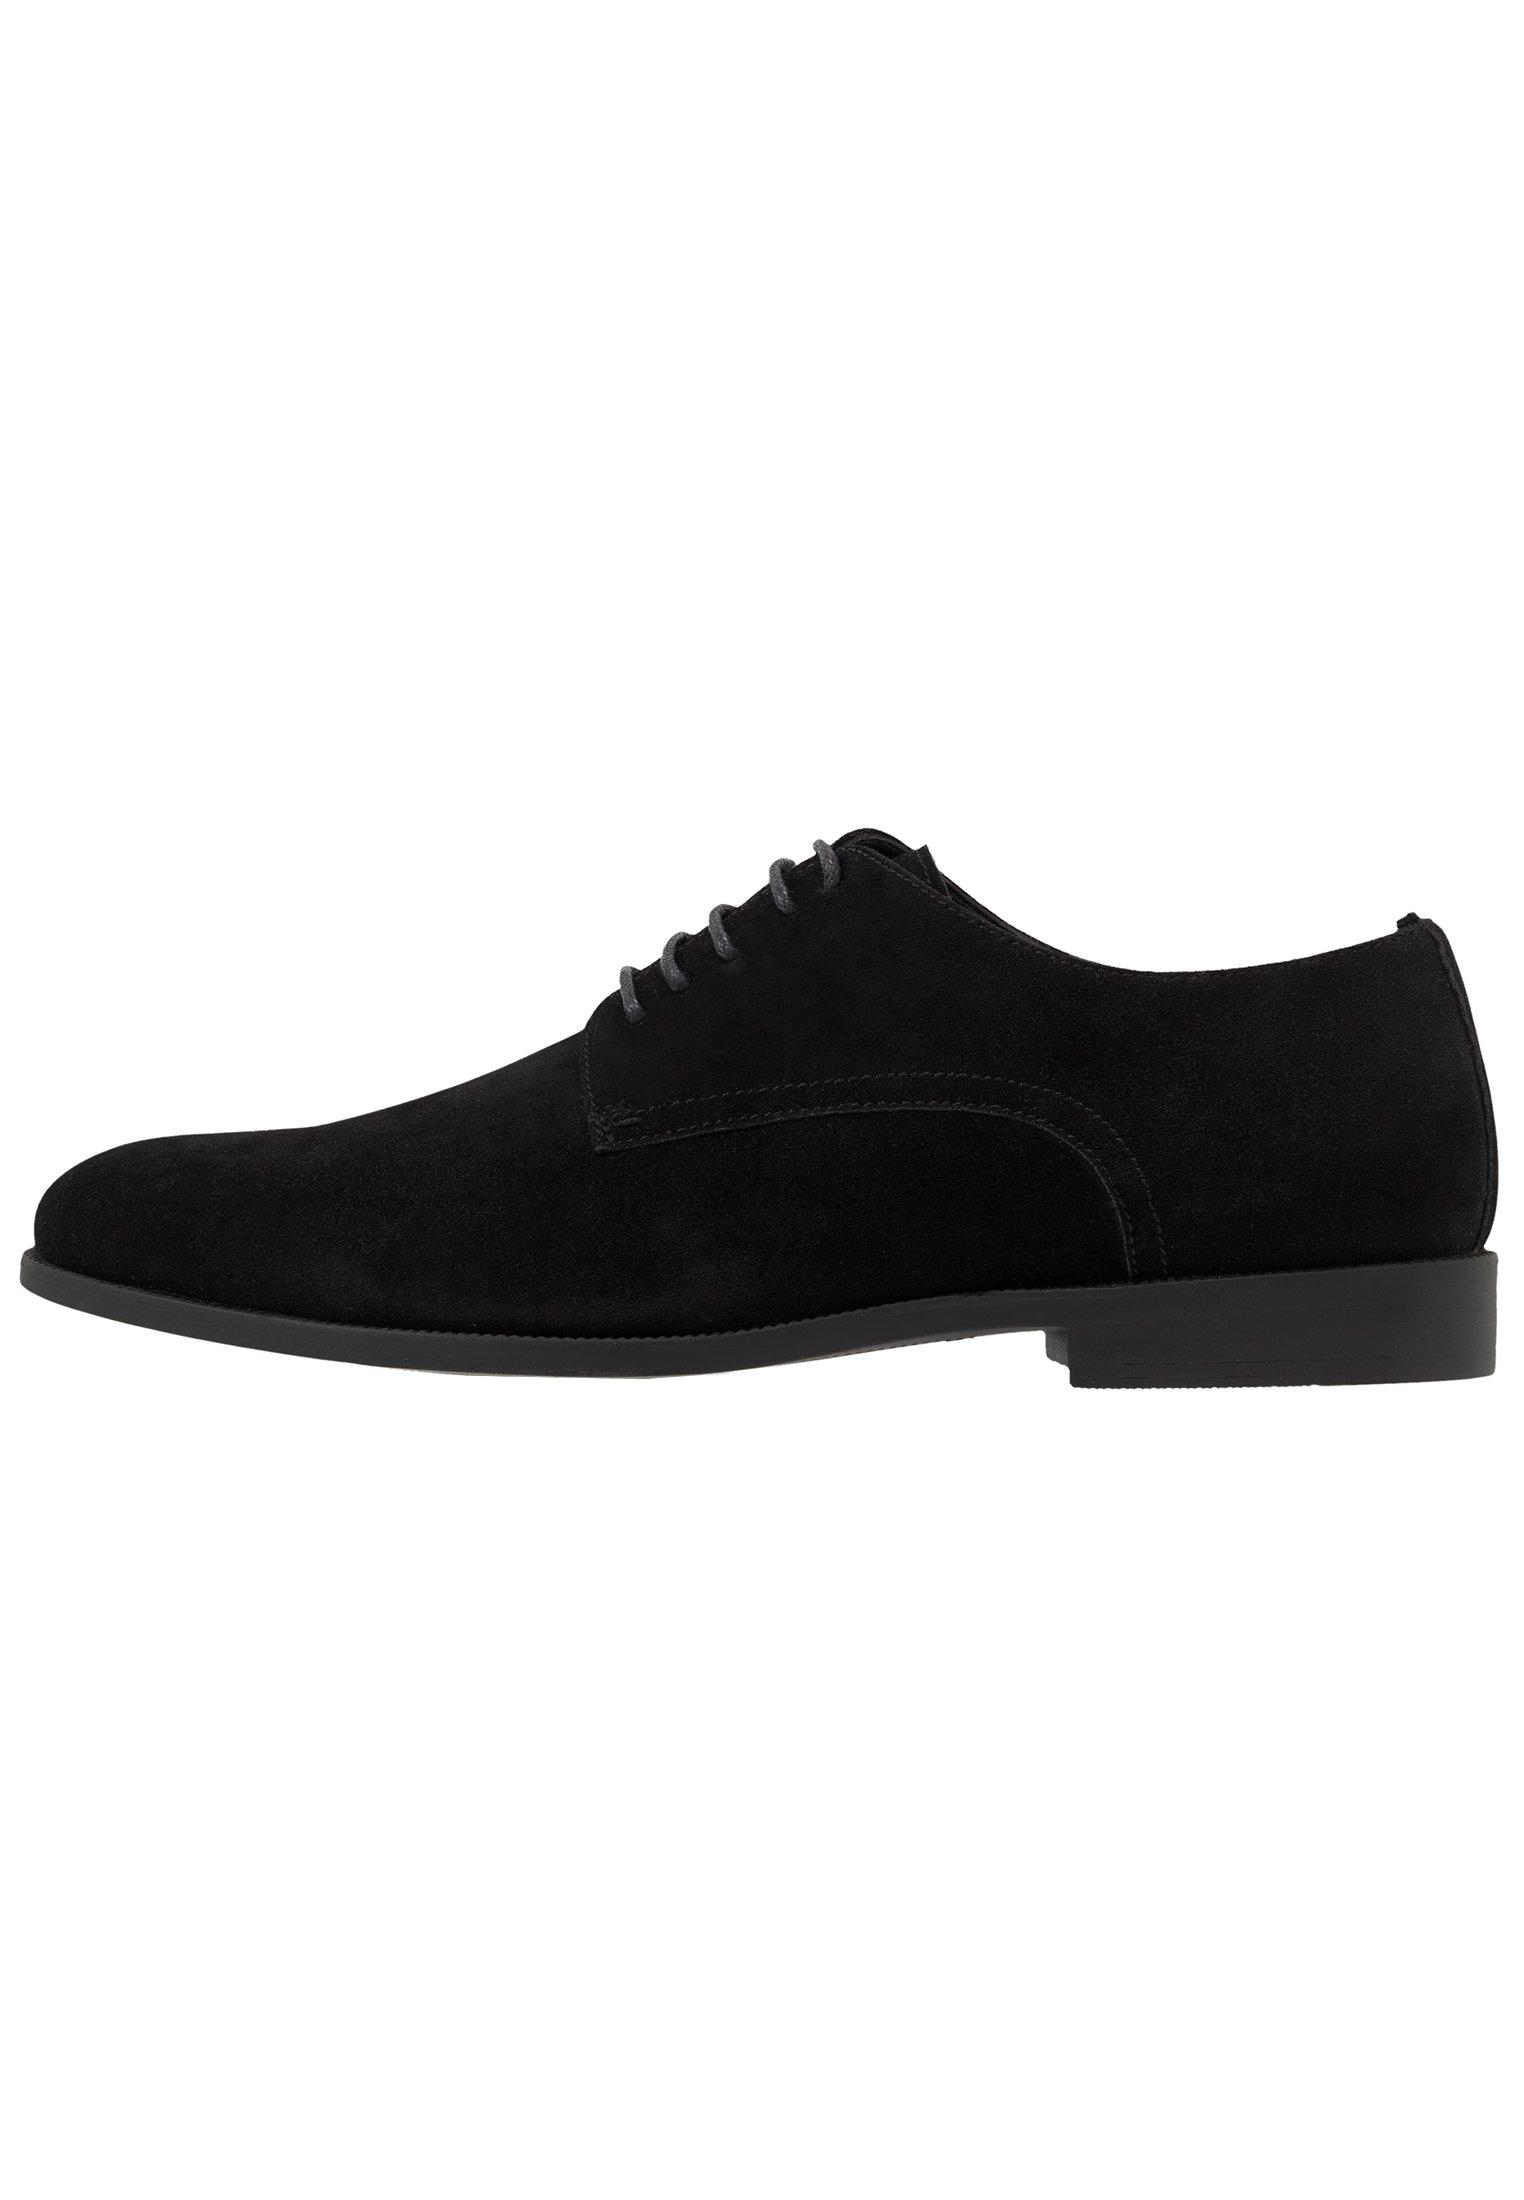 Men Smart lace-ups - black